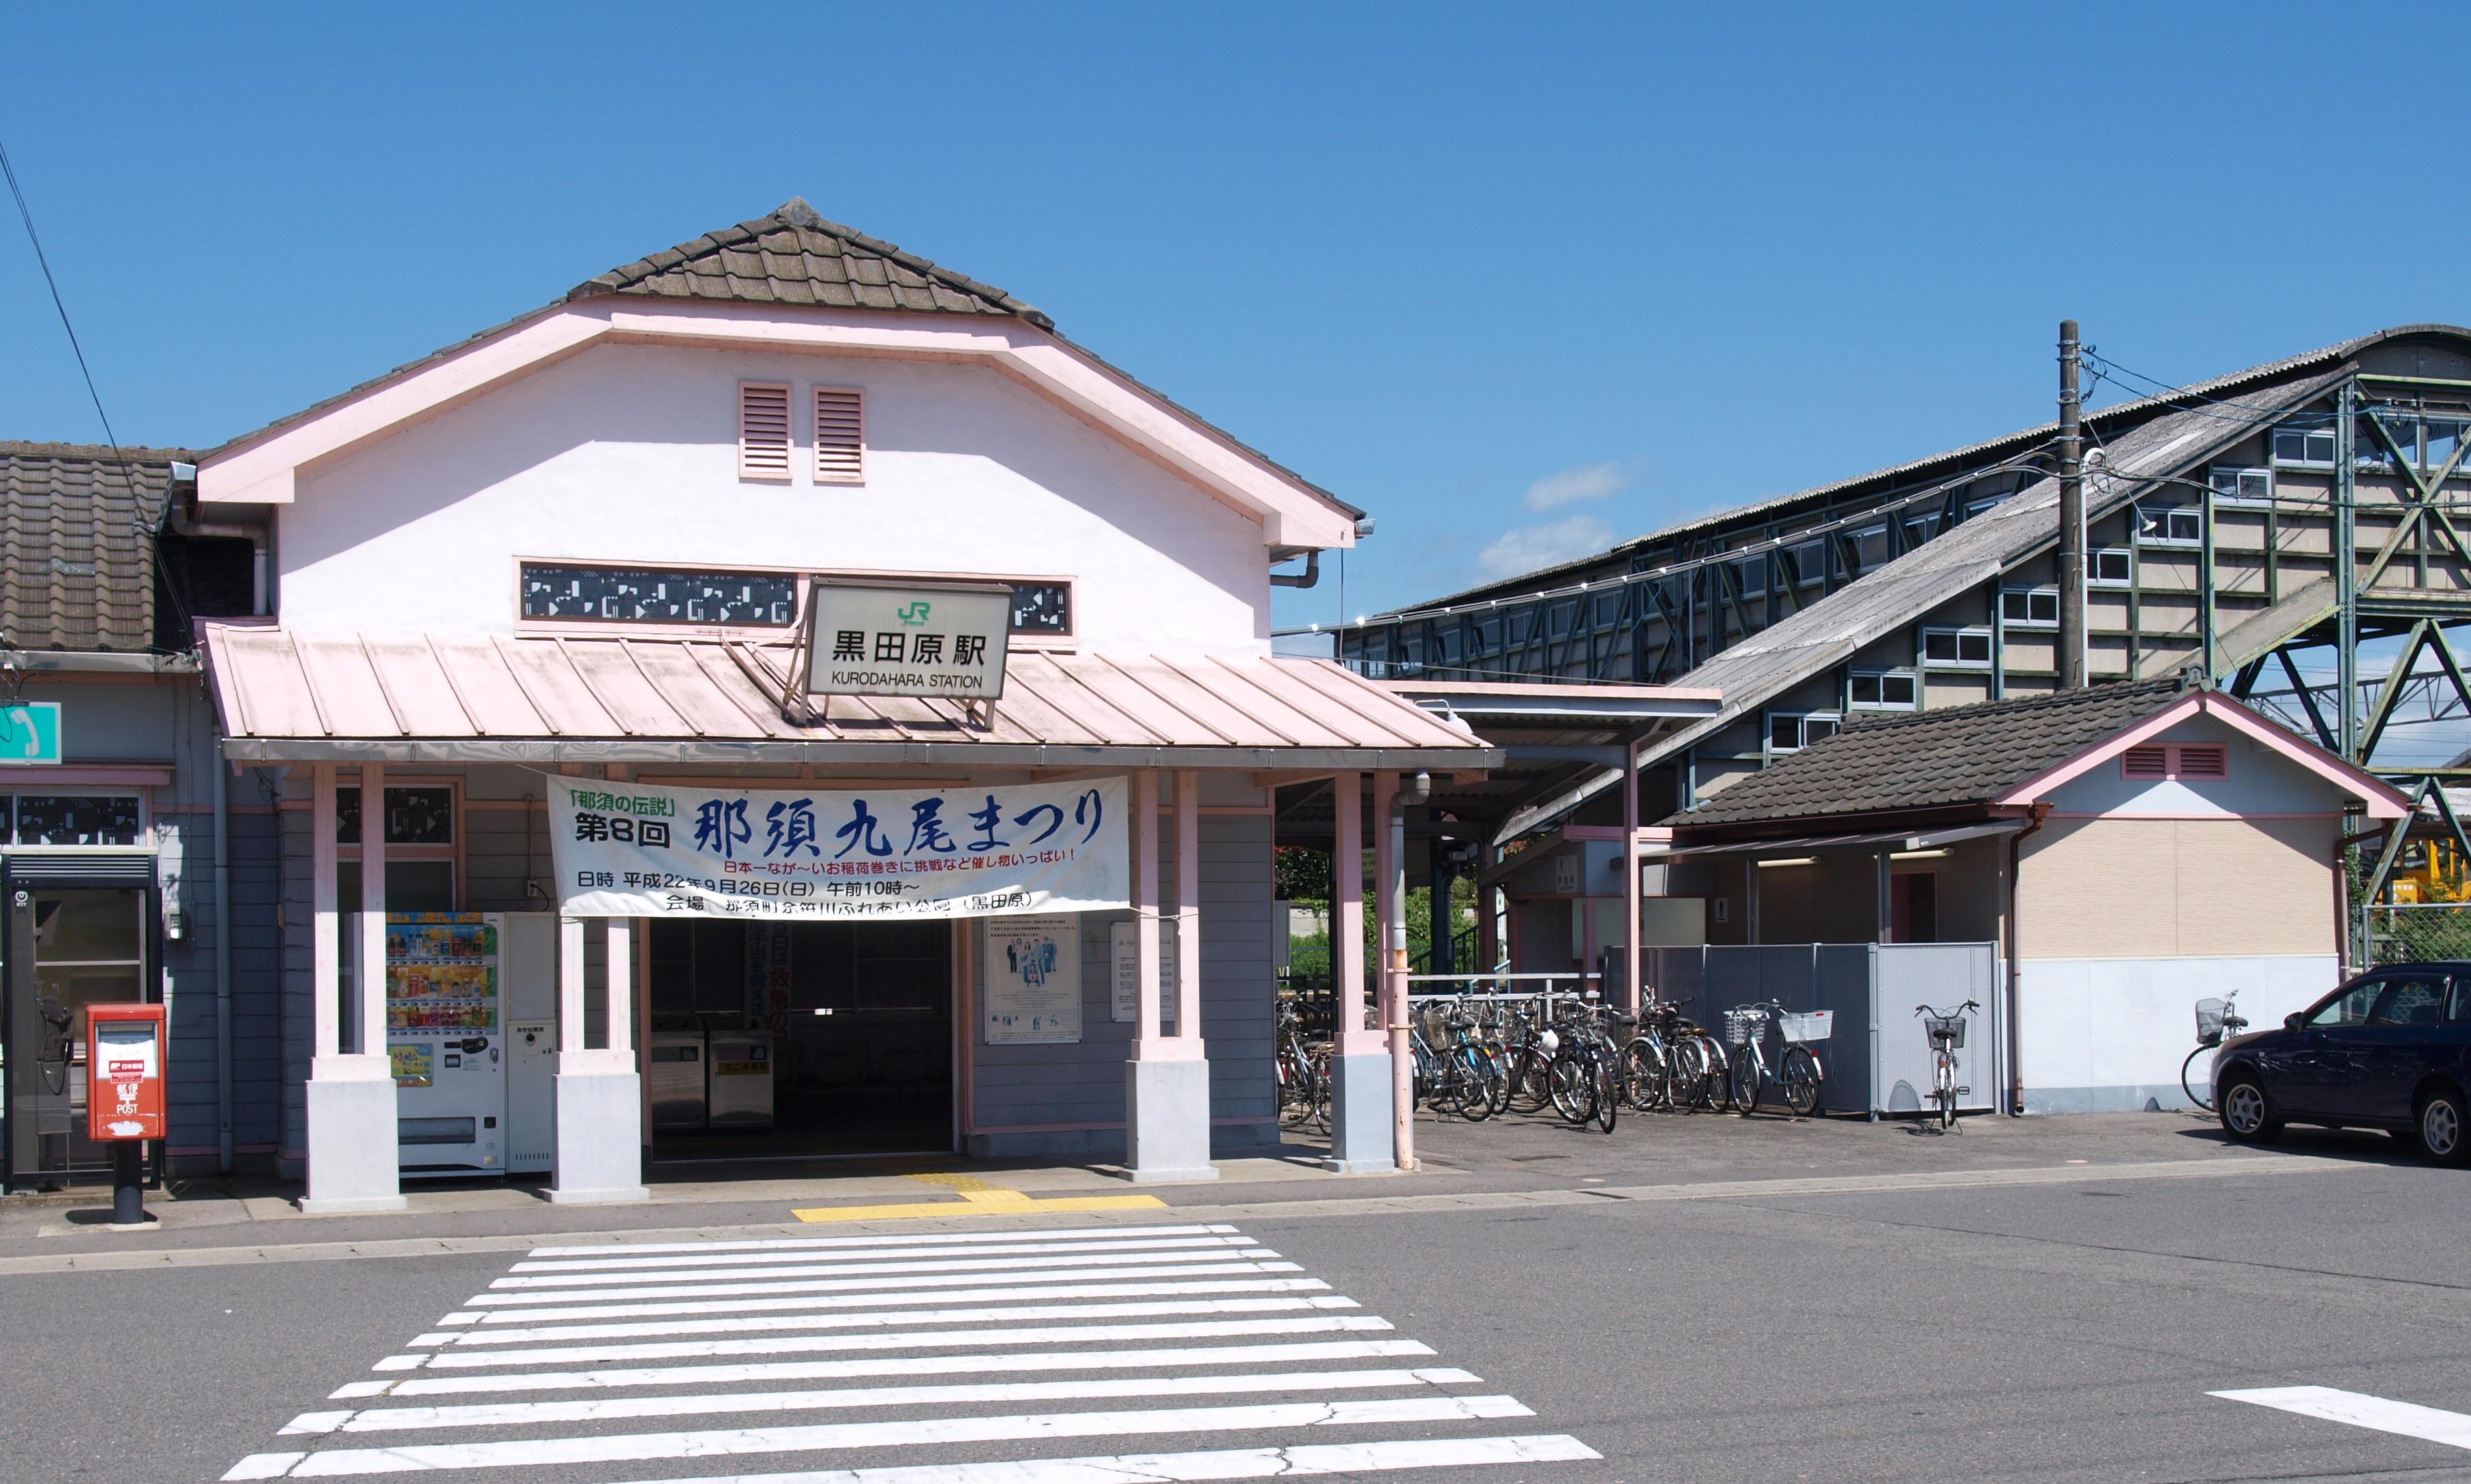 구로다하라 역